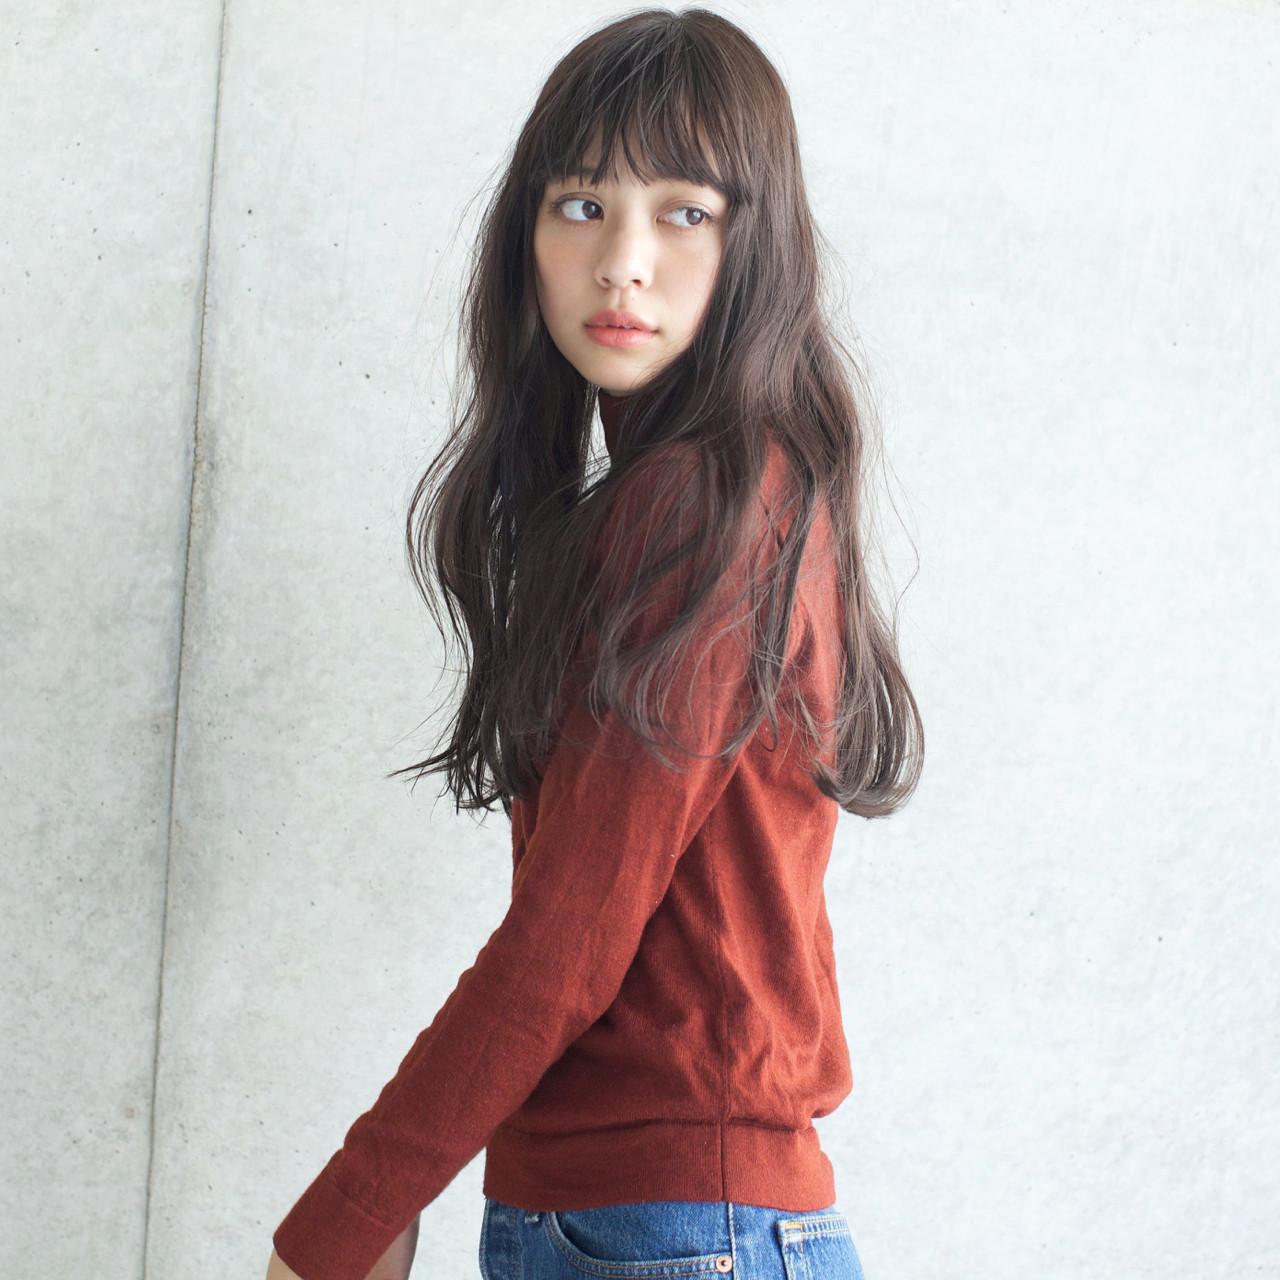 ワンランク上の髪型へシフト♡30代の女性に人気の髪型カタログ♪の8枚目の画像